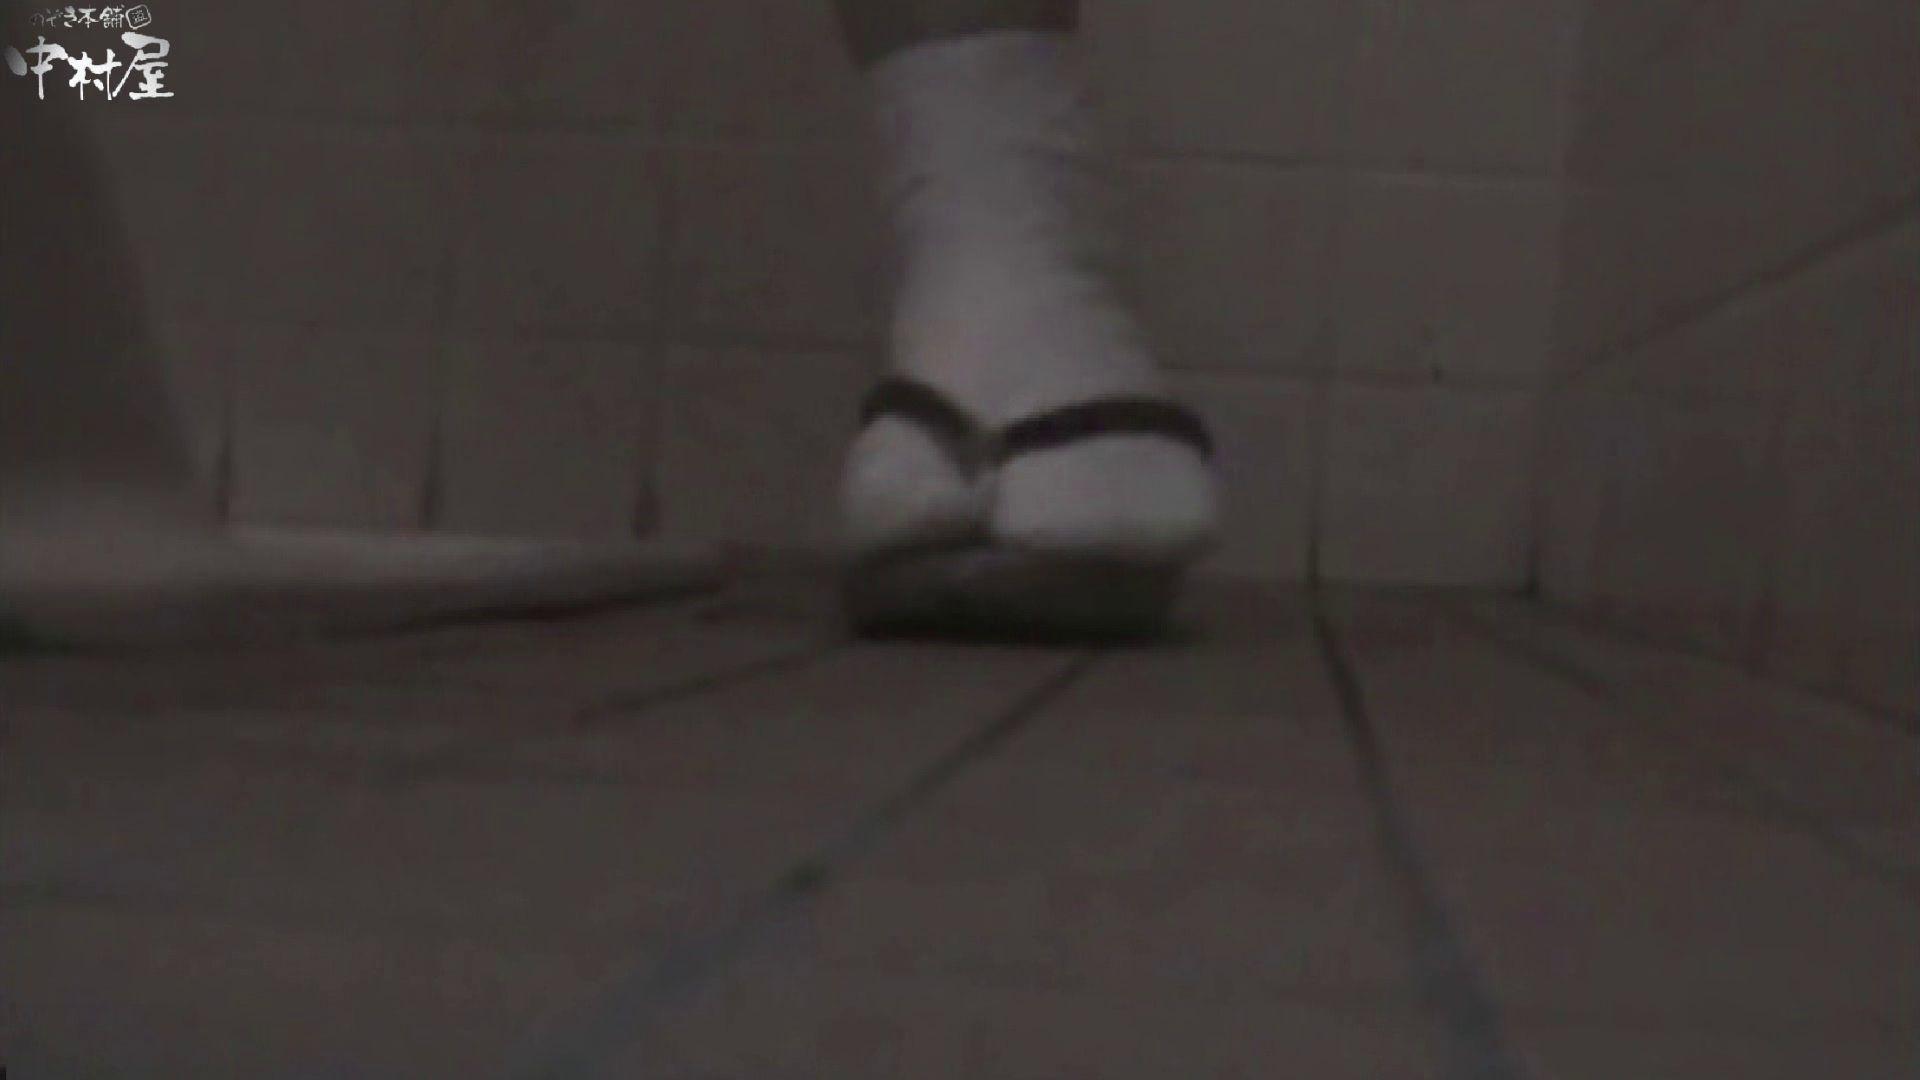 解禁!海の家4カメ洗面所vol.14 人気シリーズ 盗撮オマンコ無修正動画無料 111画像 111